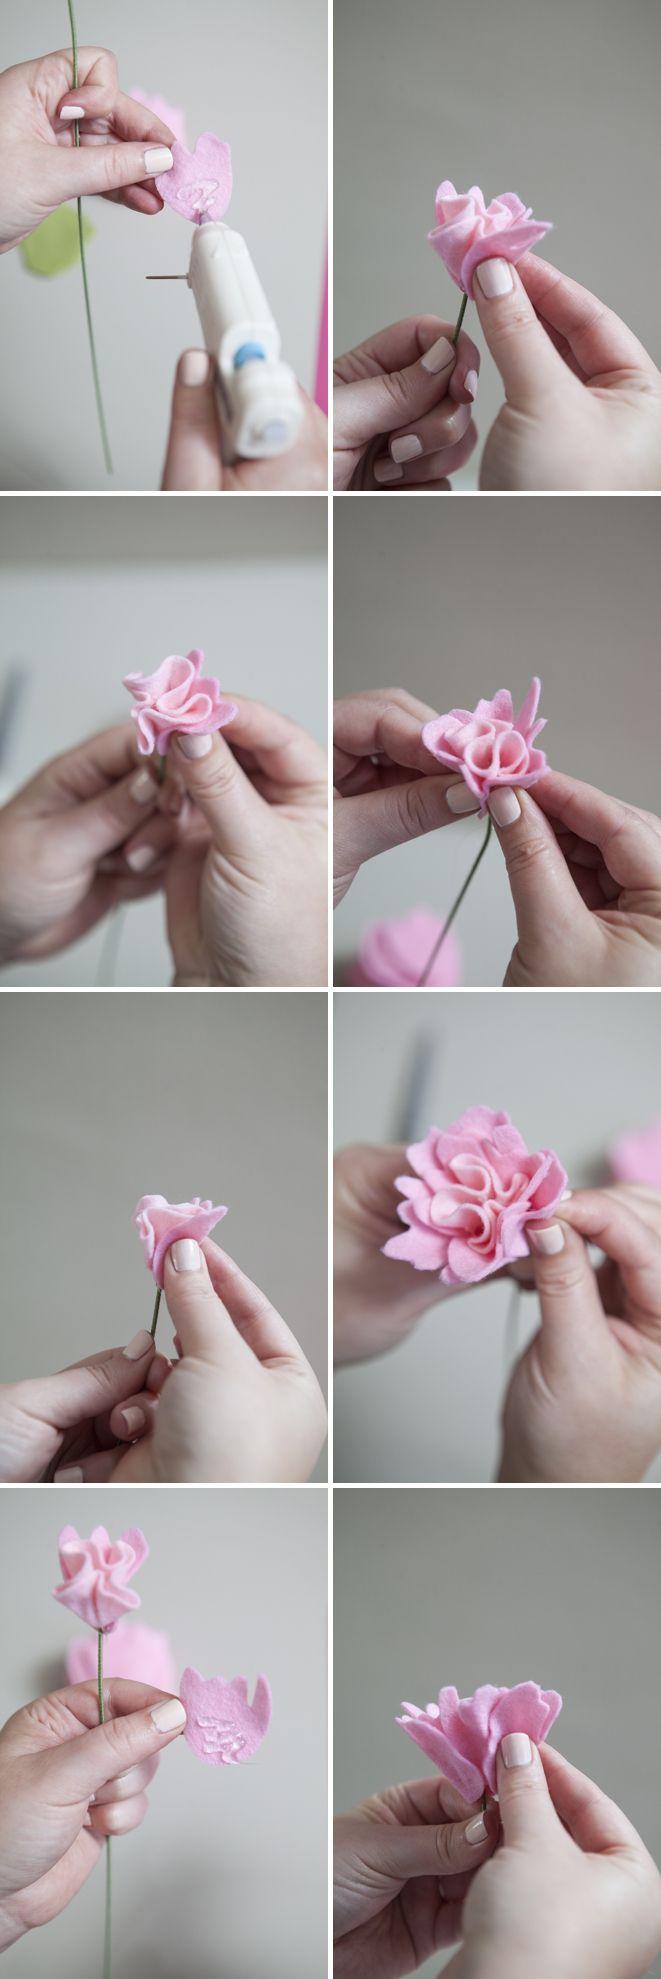 Si buscas decorar un rincón de tu casa, estas flores con paño lenci pueden resultar una excelente alternativa.